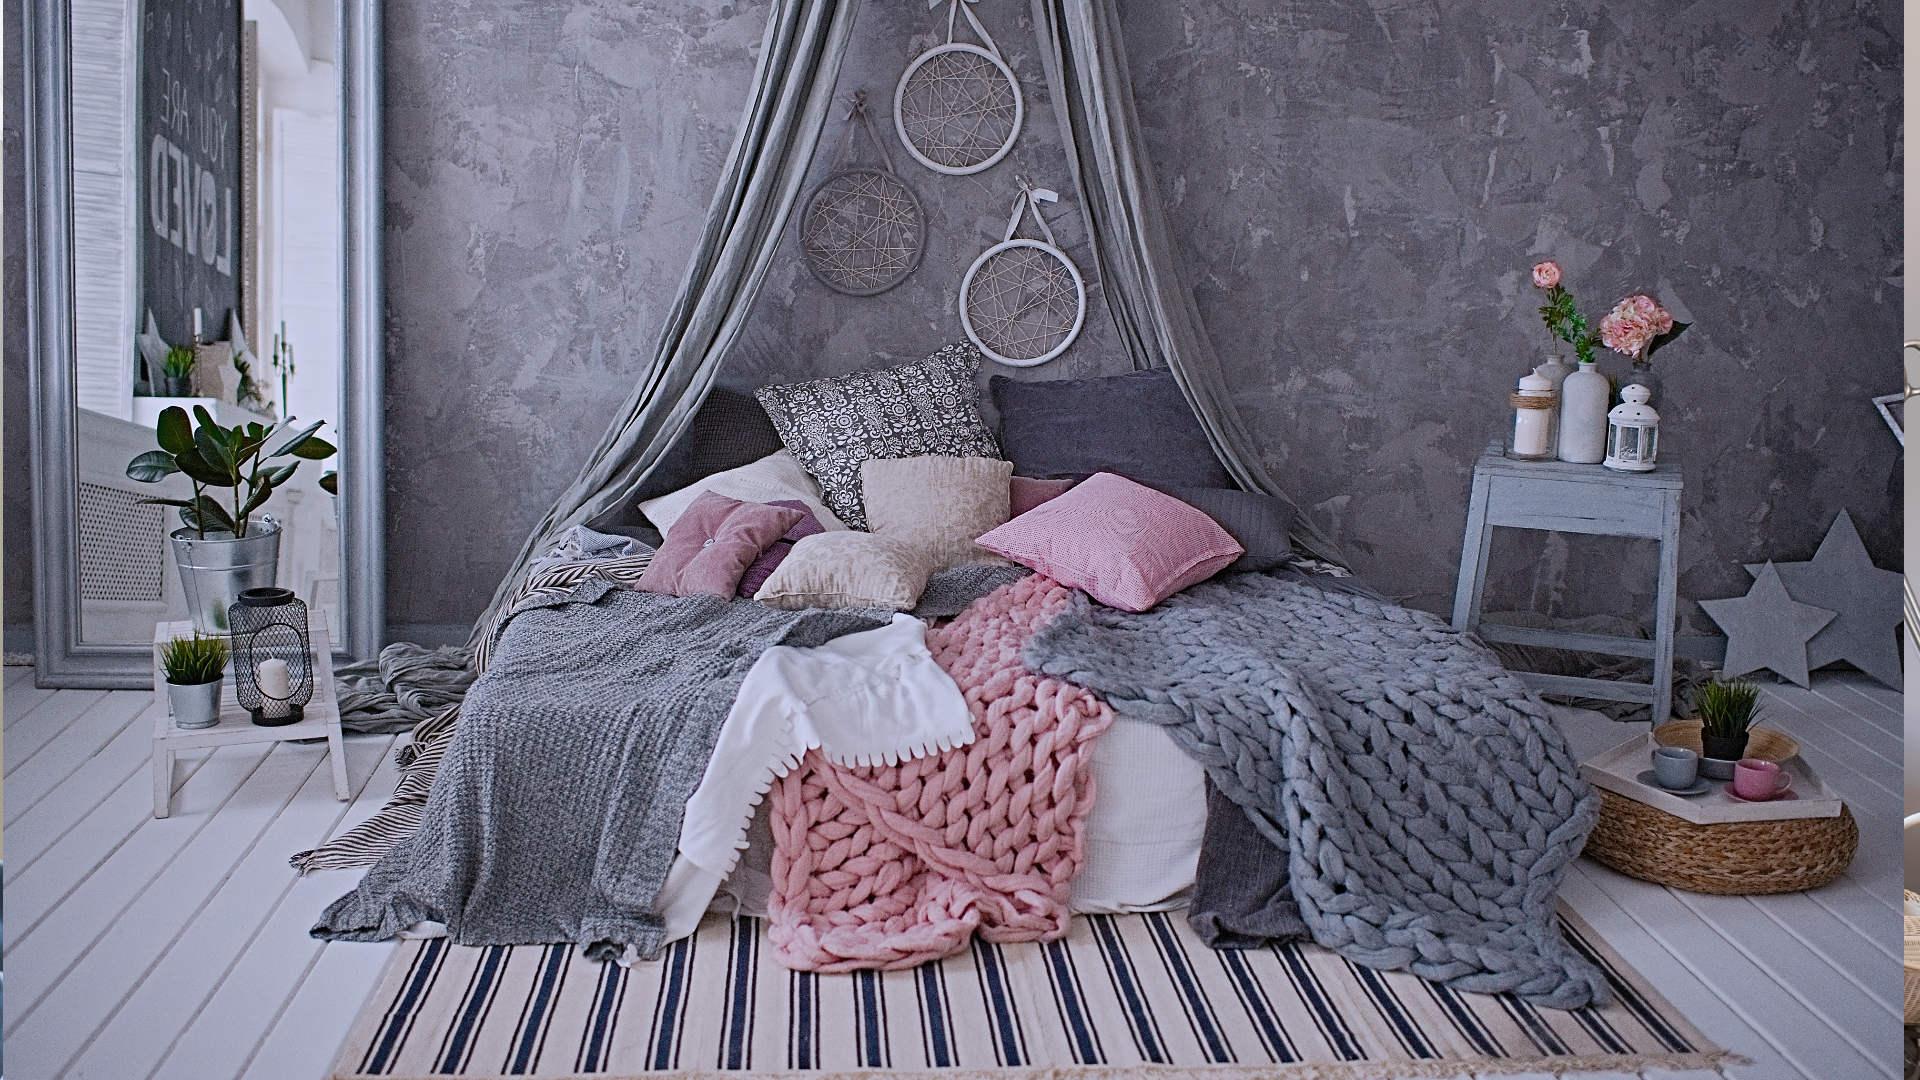 5 tips de decoración para que tu habitación parezca más acogedora